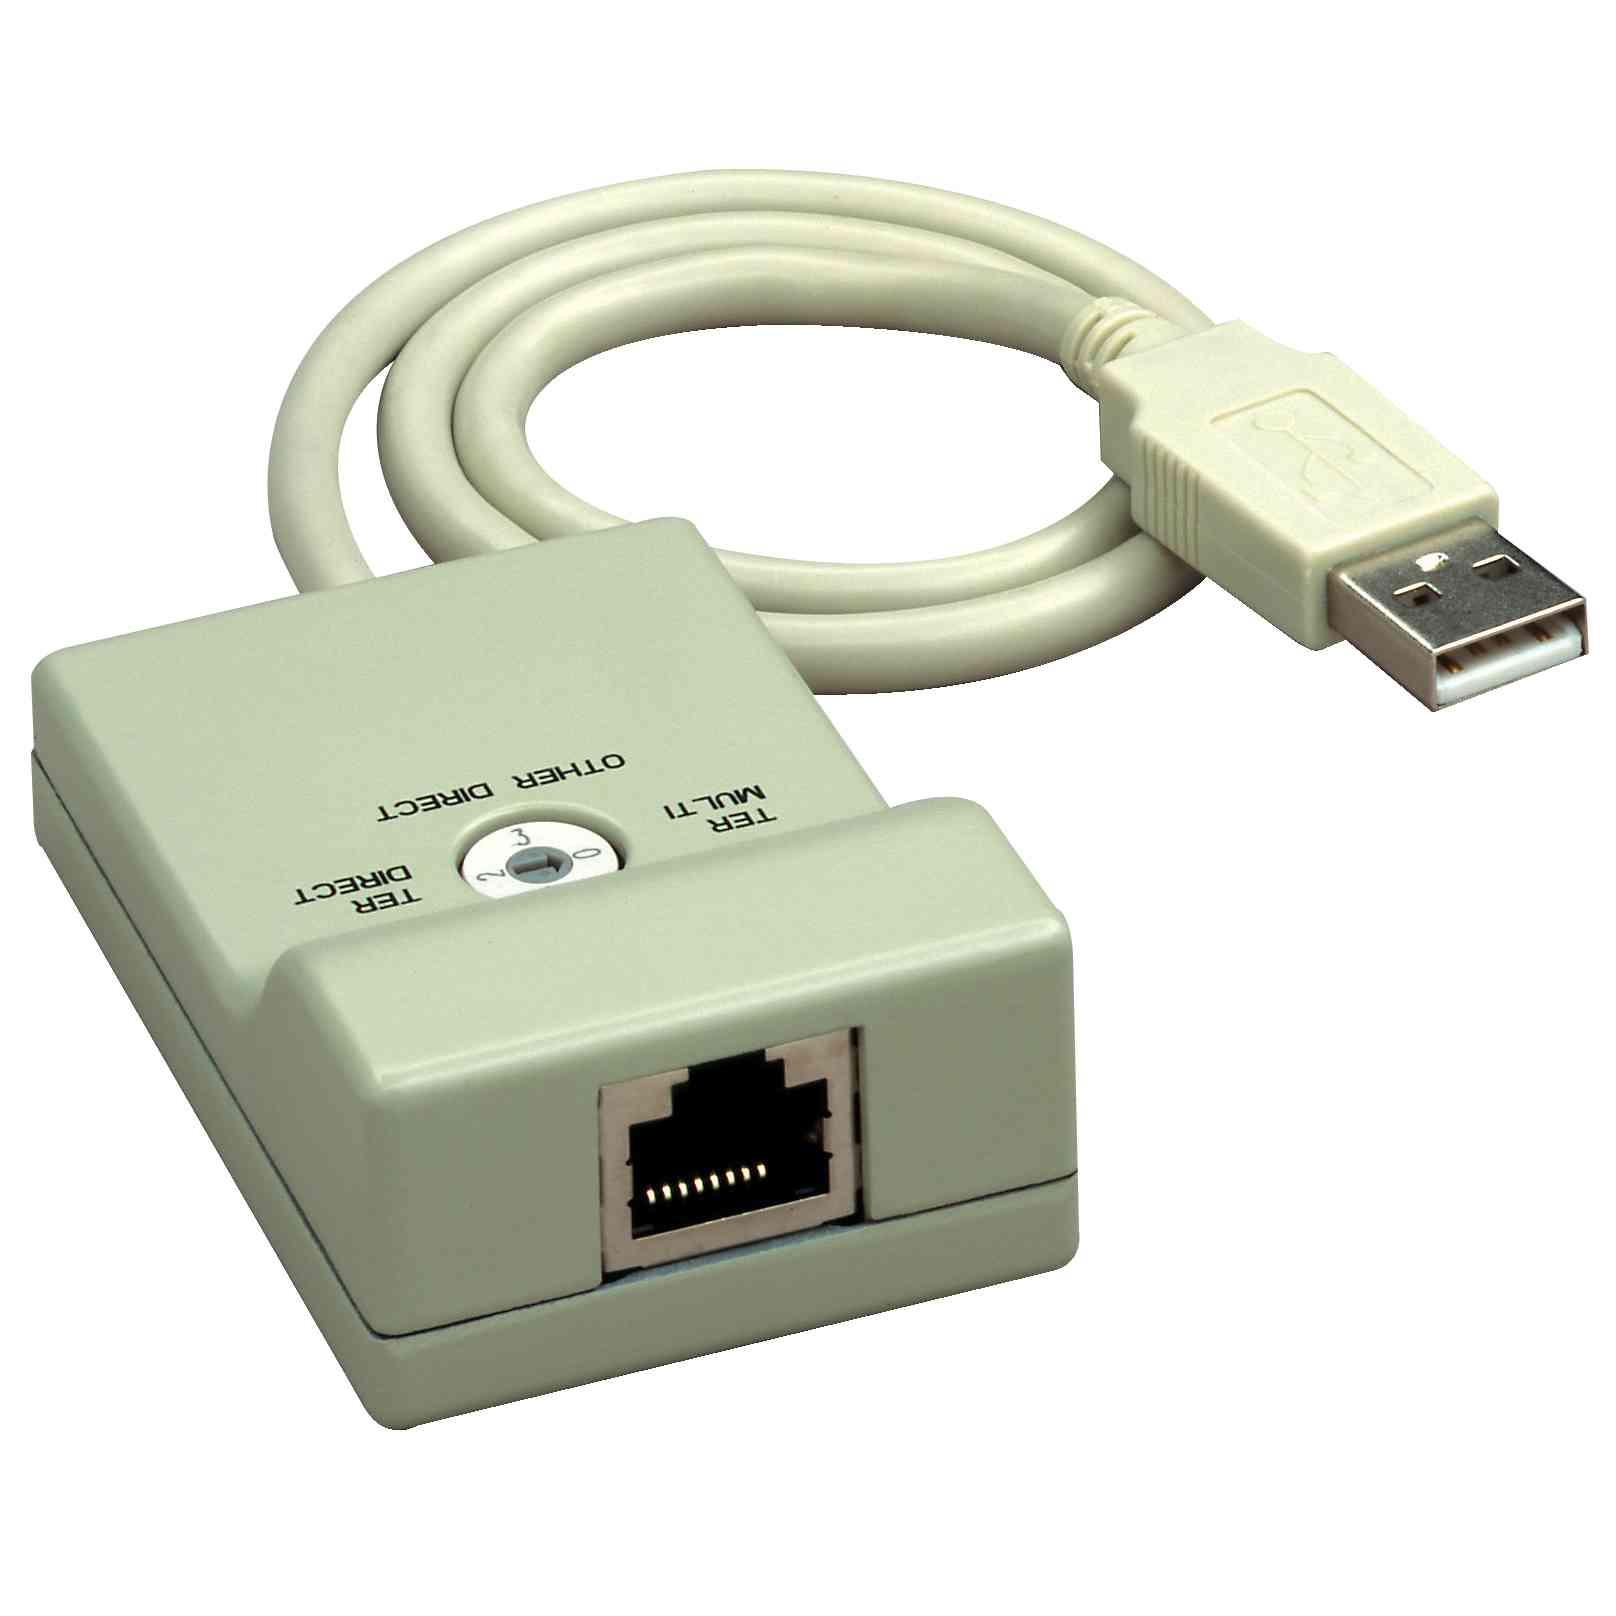 Komplet priključnega kabla za priključek PC - za Atrium/Premium - 0,4 m